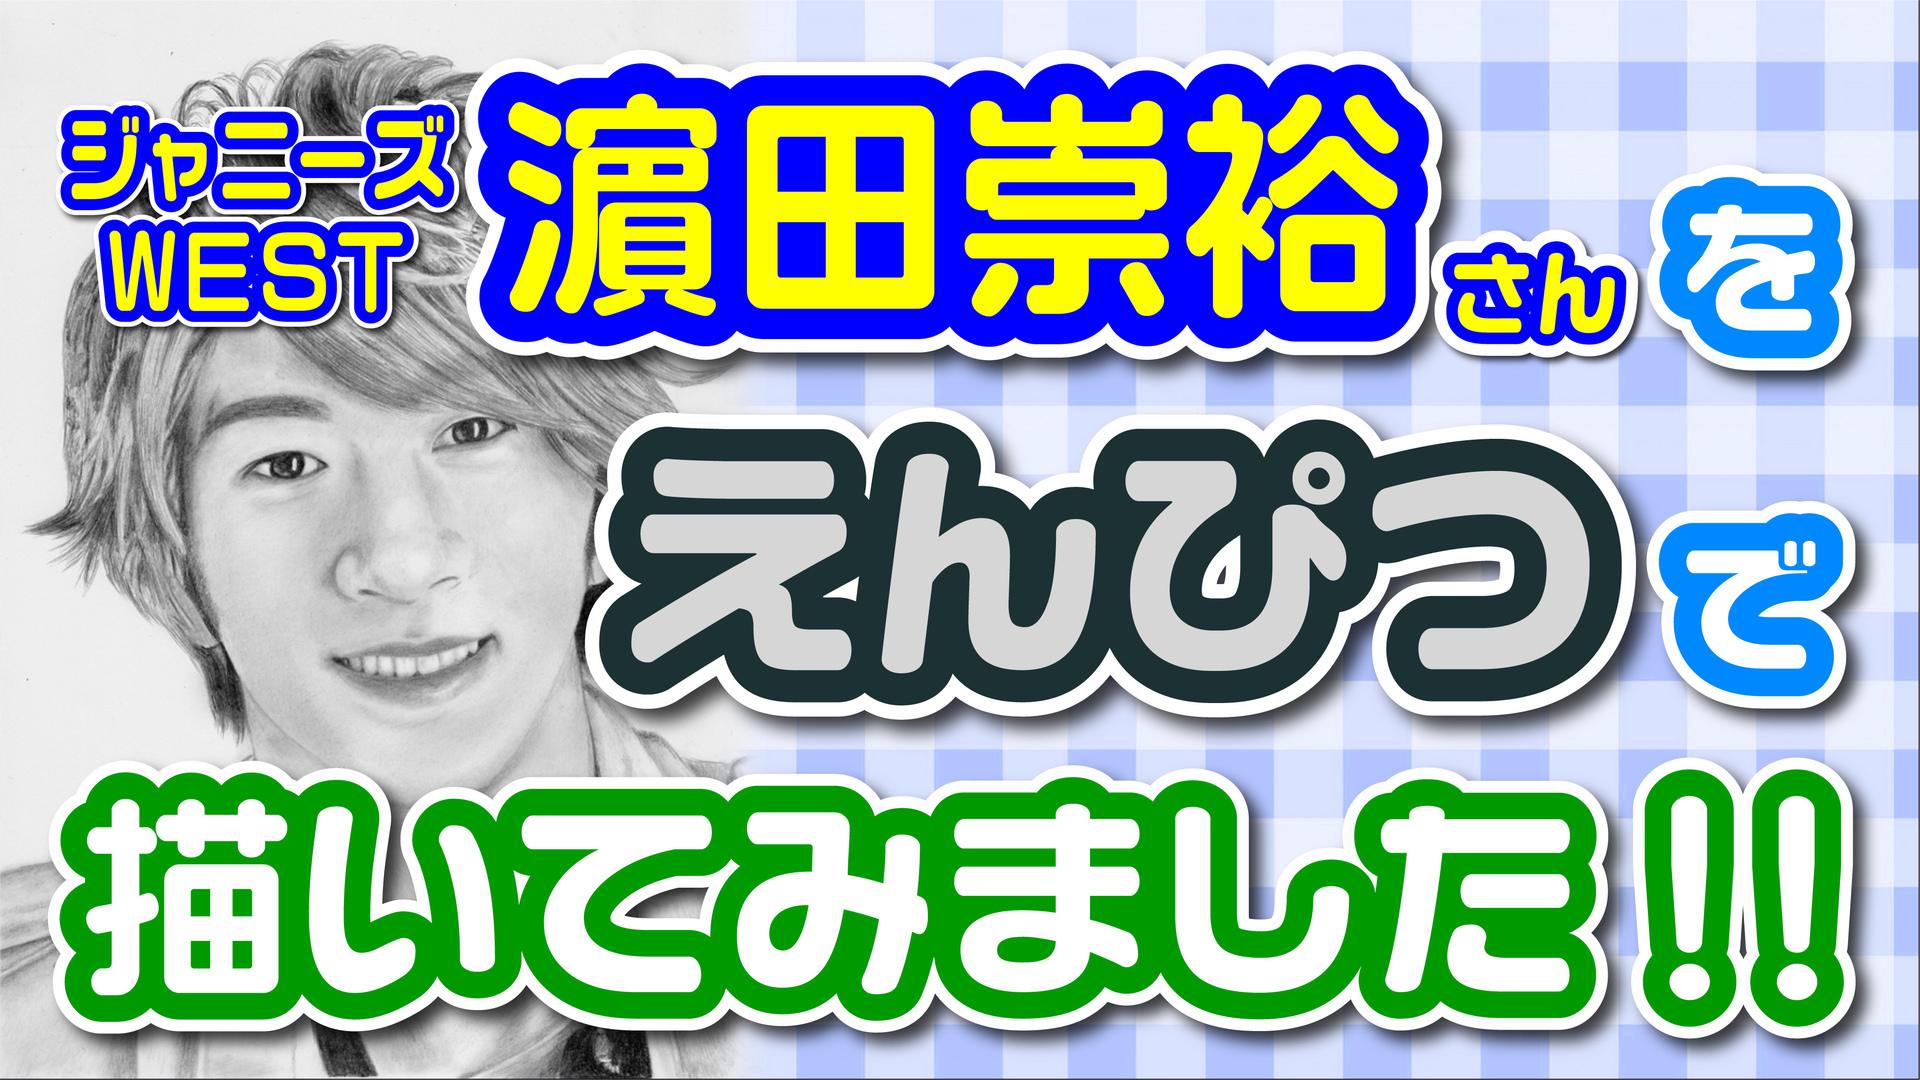 Youtubeサムネイル �M田崇裕鉛筆画.jpg